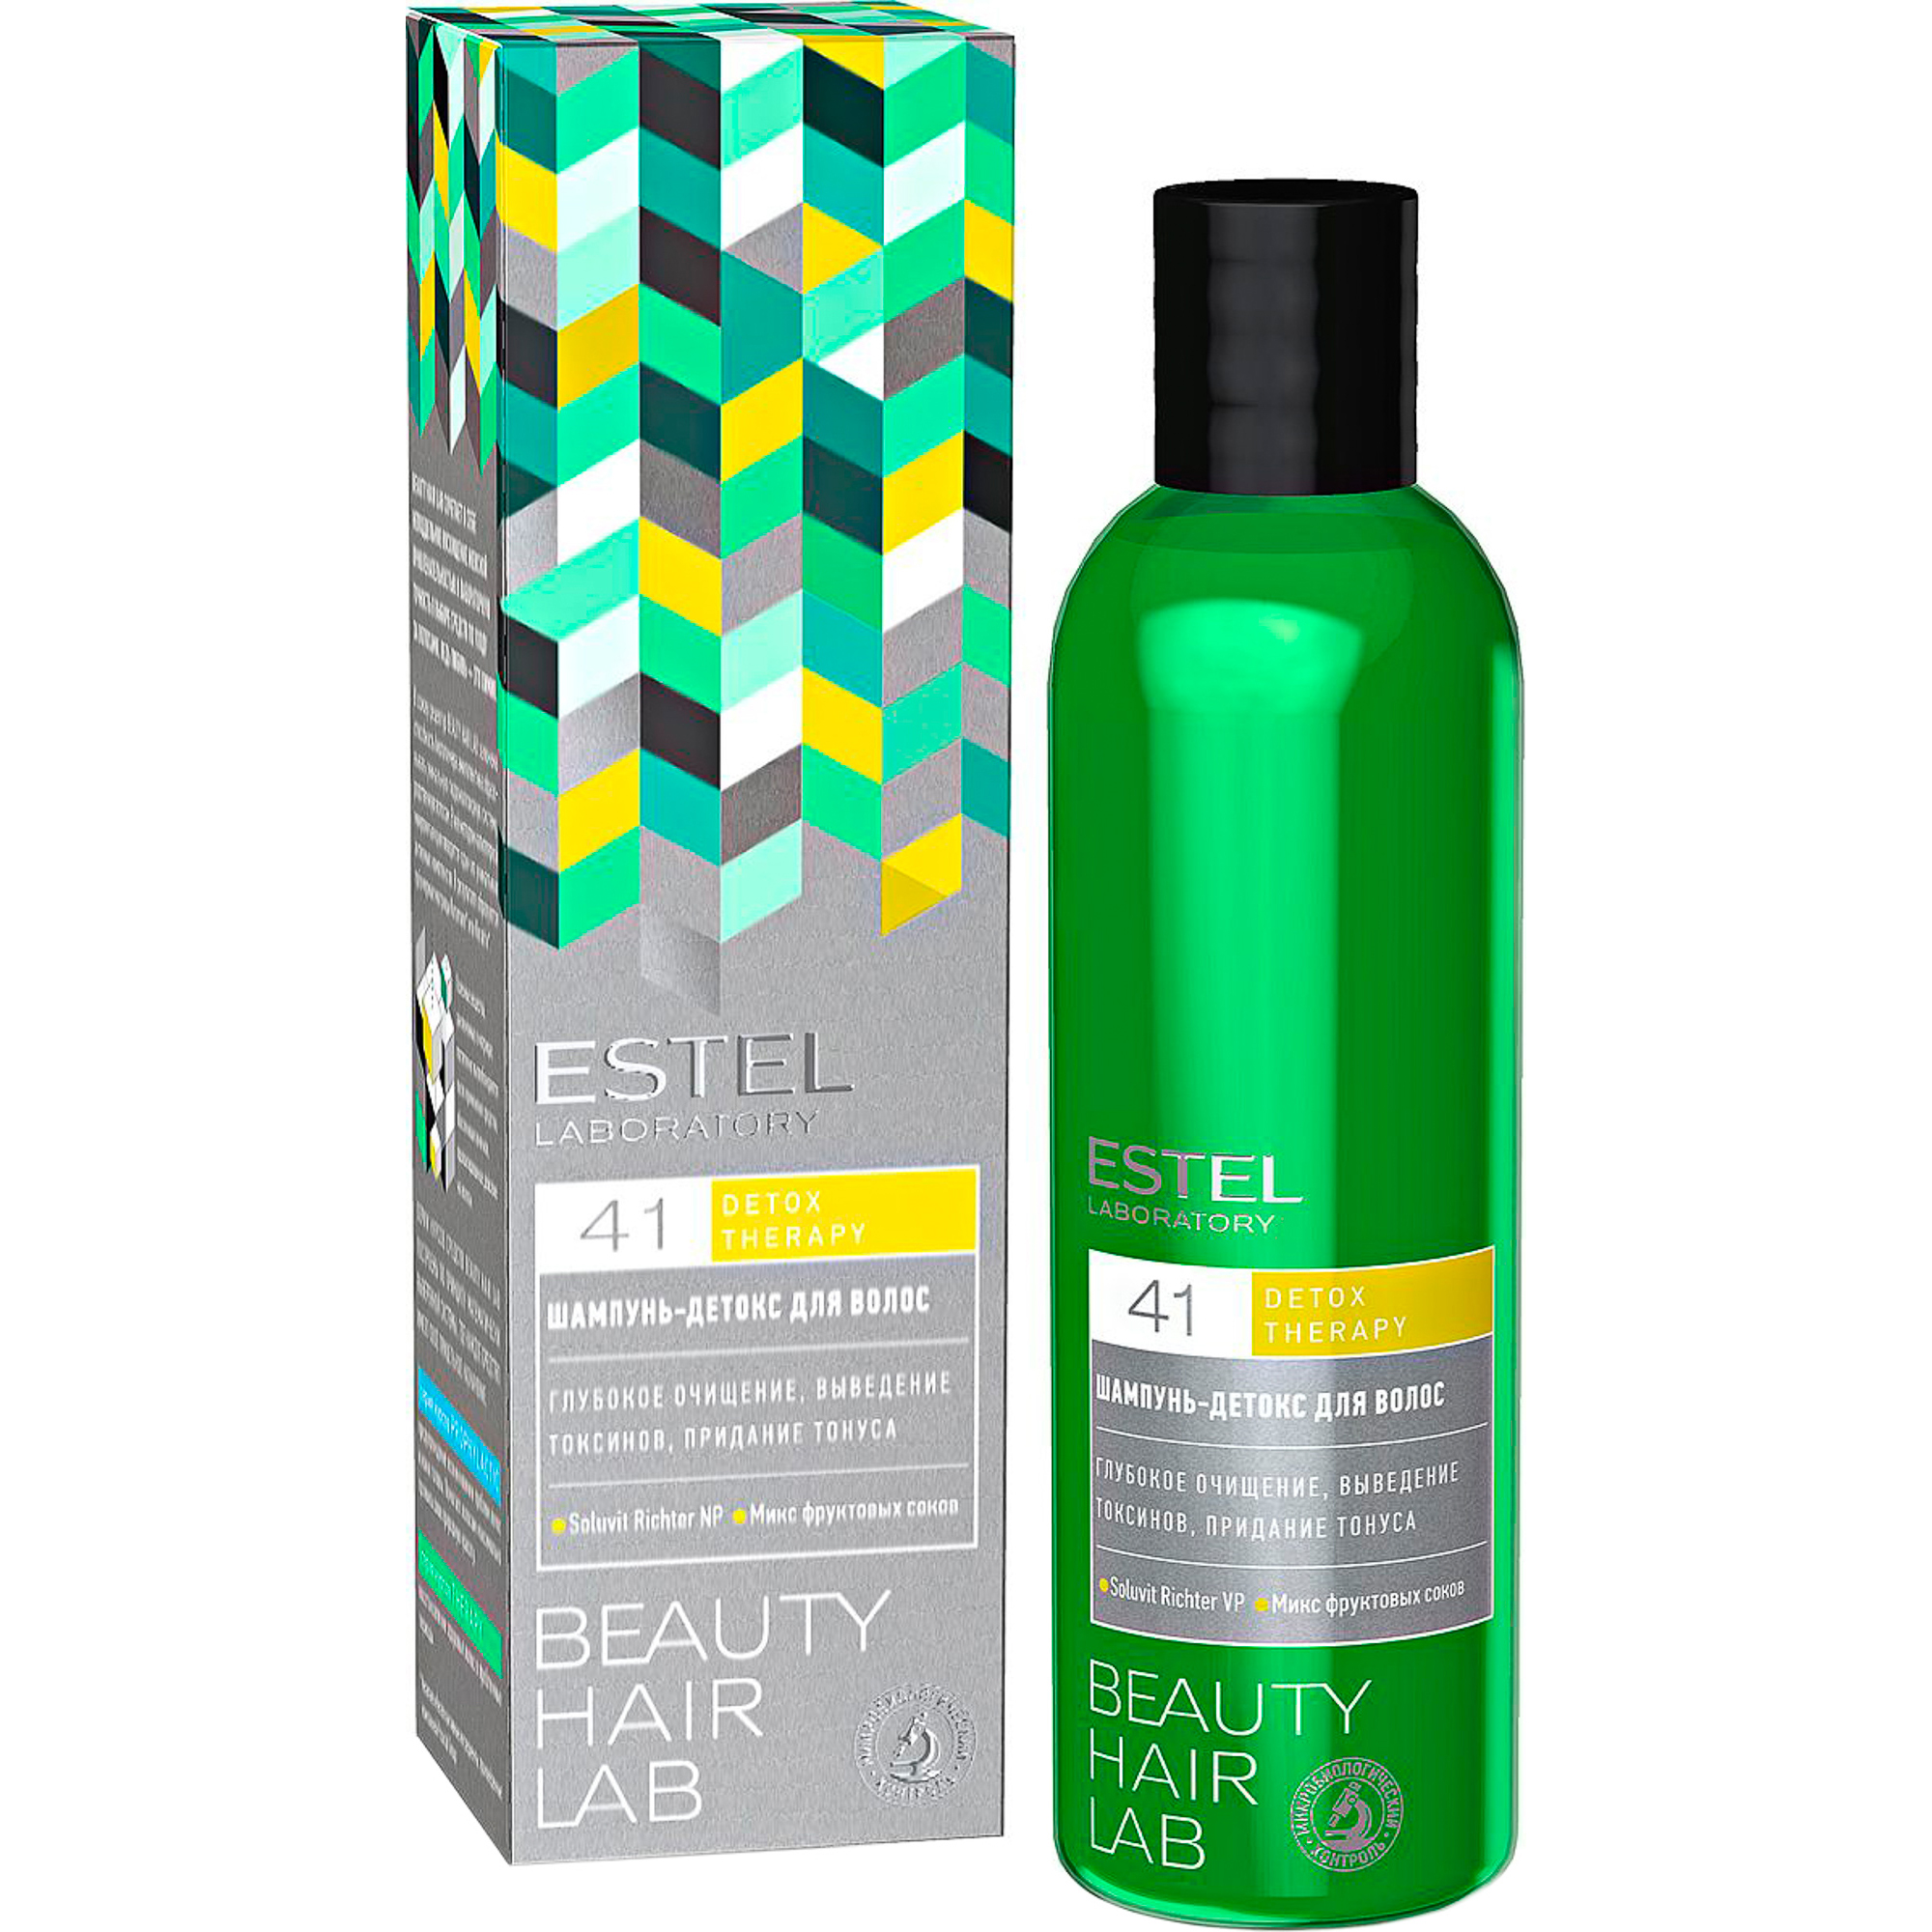 Шампунь-детокс для волос Estel Beauty Hair Lab 250 мл estel beauty hair lab aurum маска для волос 250 мл